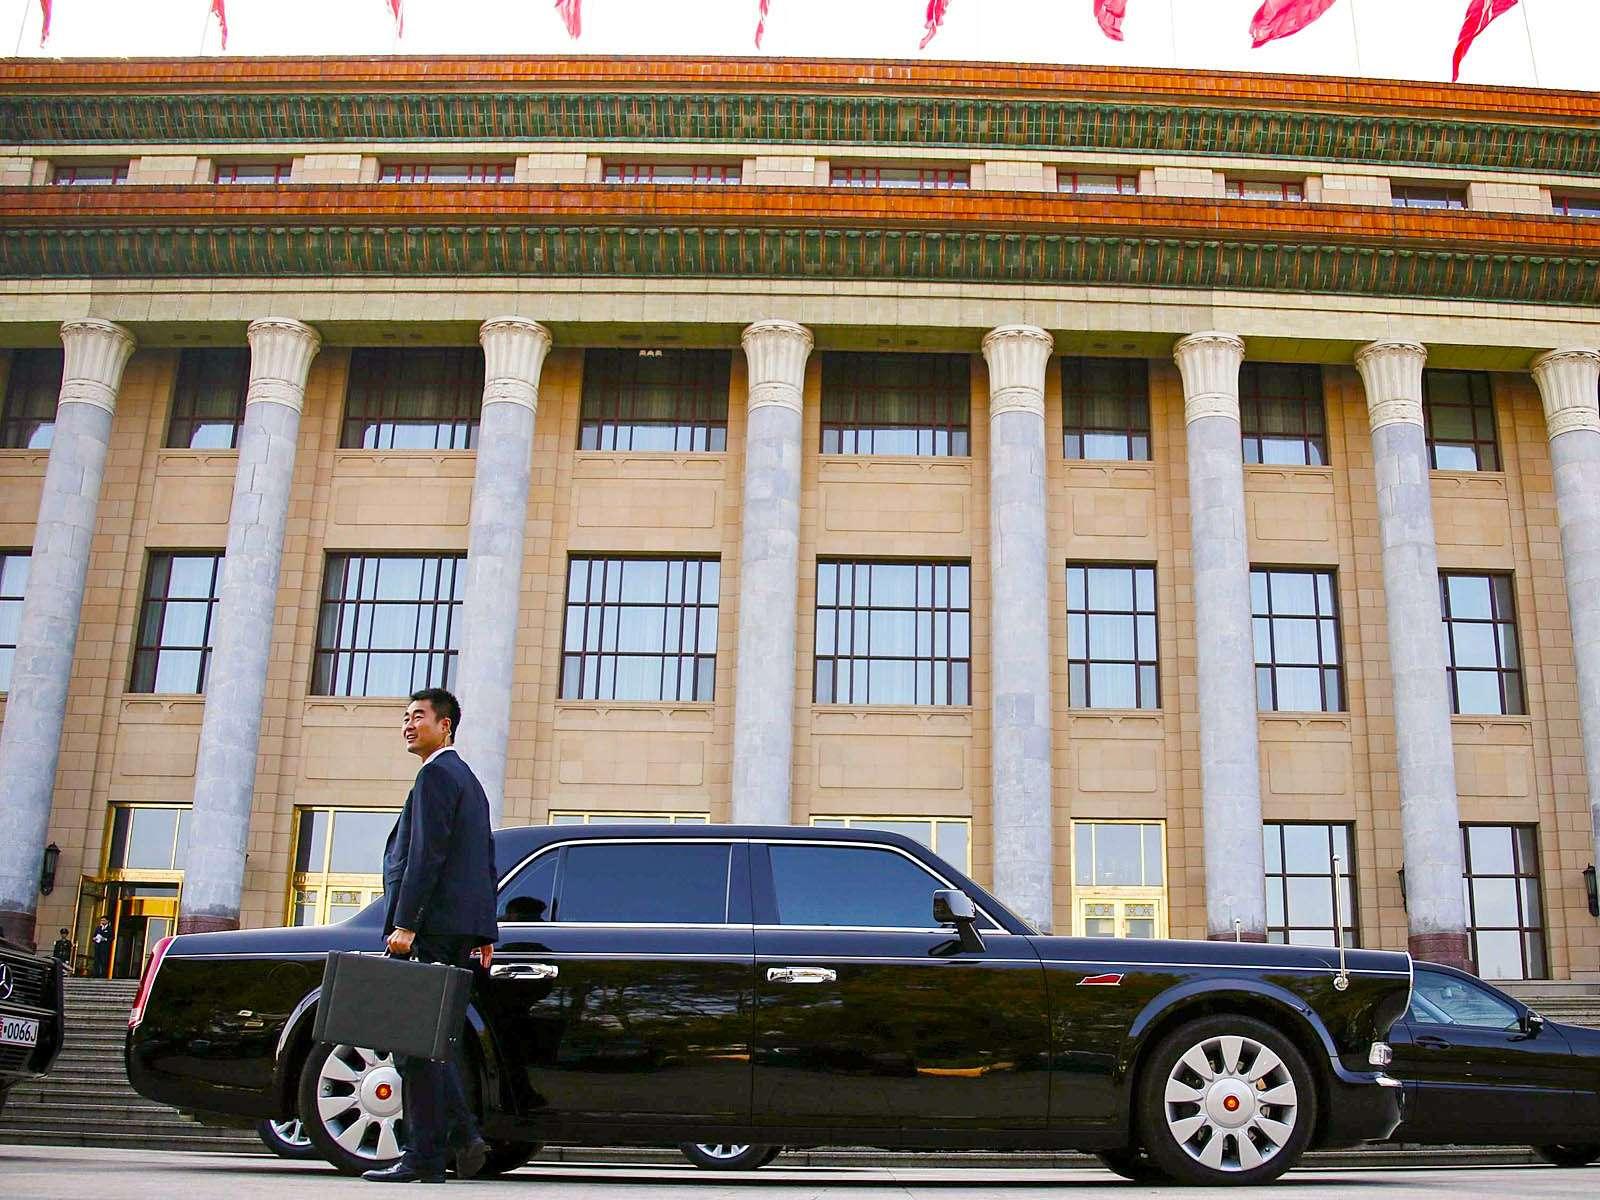 Автомобиль председателя КНР Си